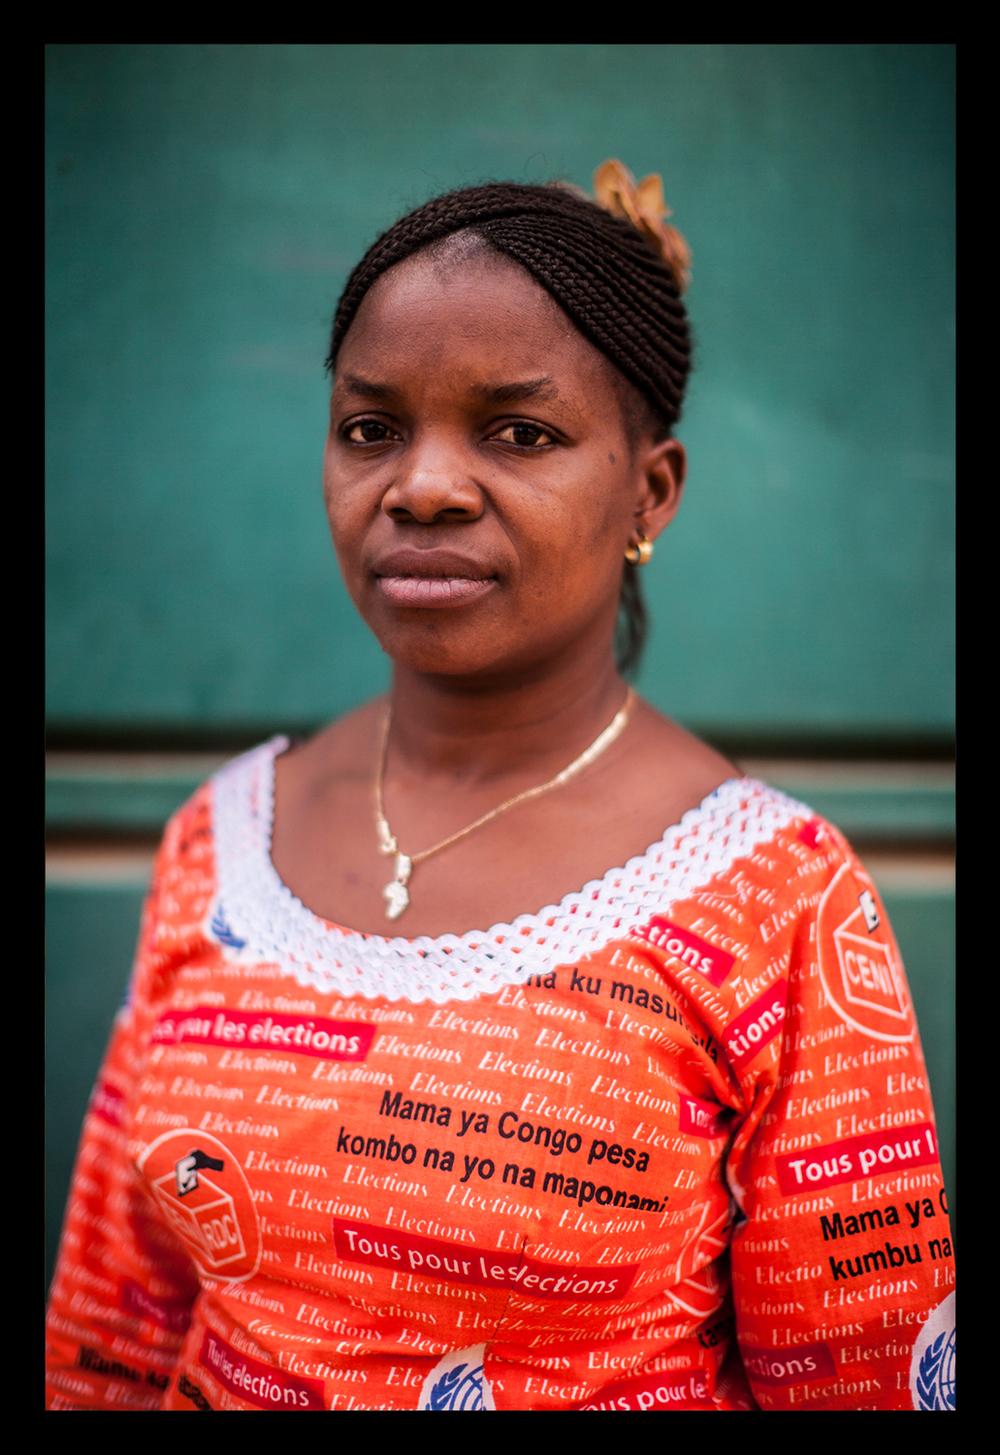 Portrait of an activist